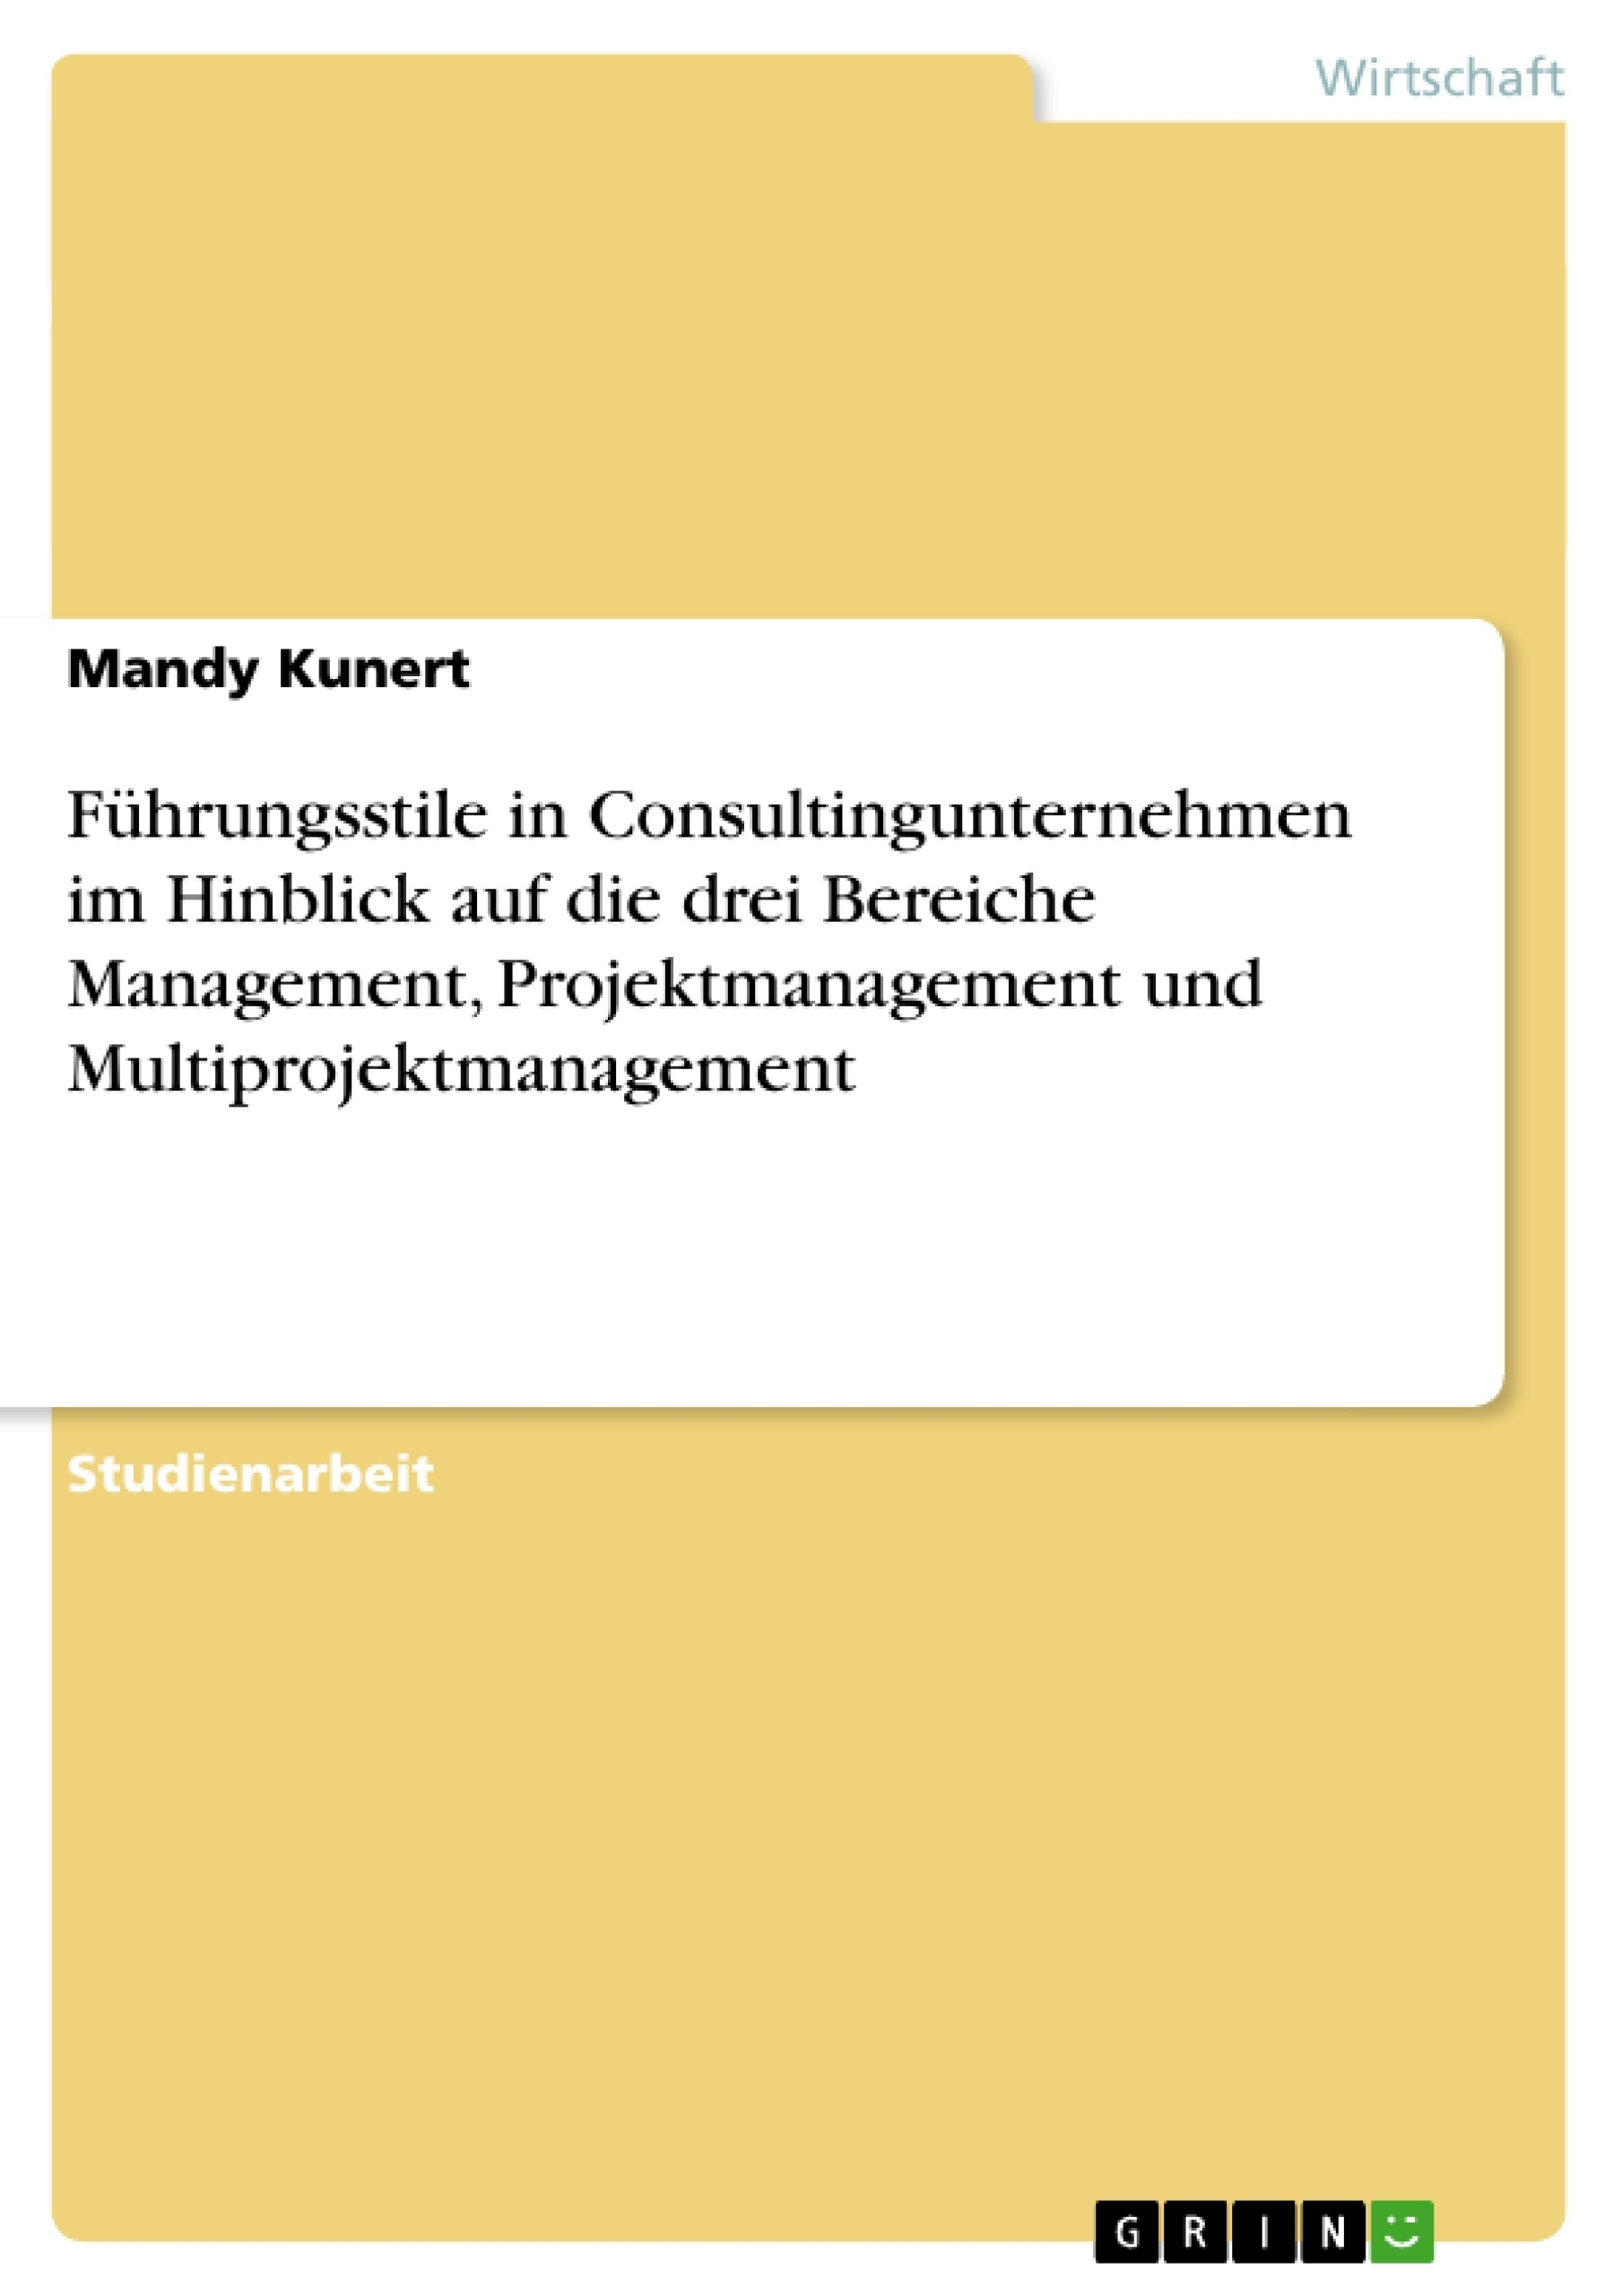 Titel: Führungsstile in Consultingunternehmen im Hinblick auf die drei Bereiche Management, Projektmanagement und Multiprojektmanagement